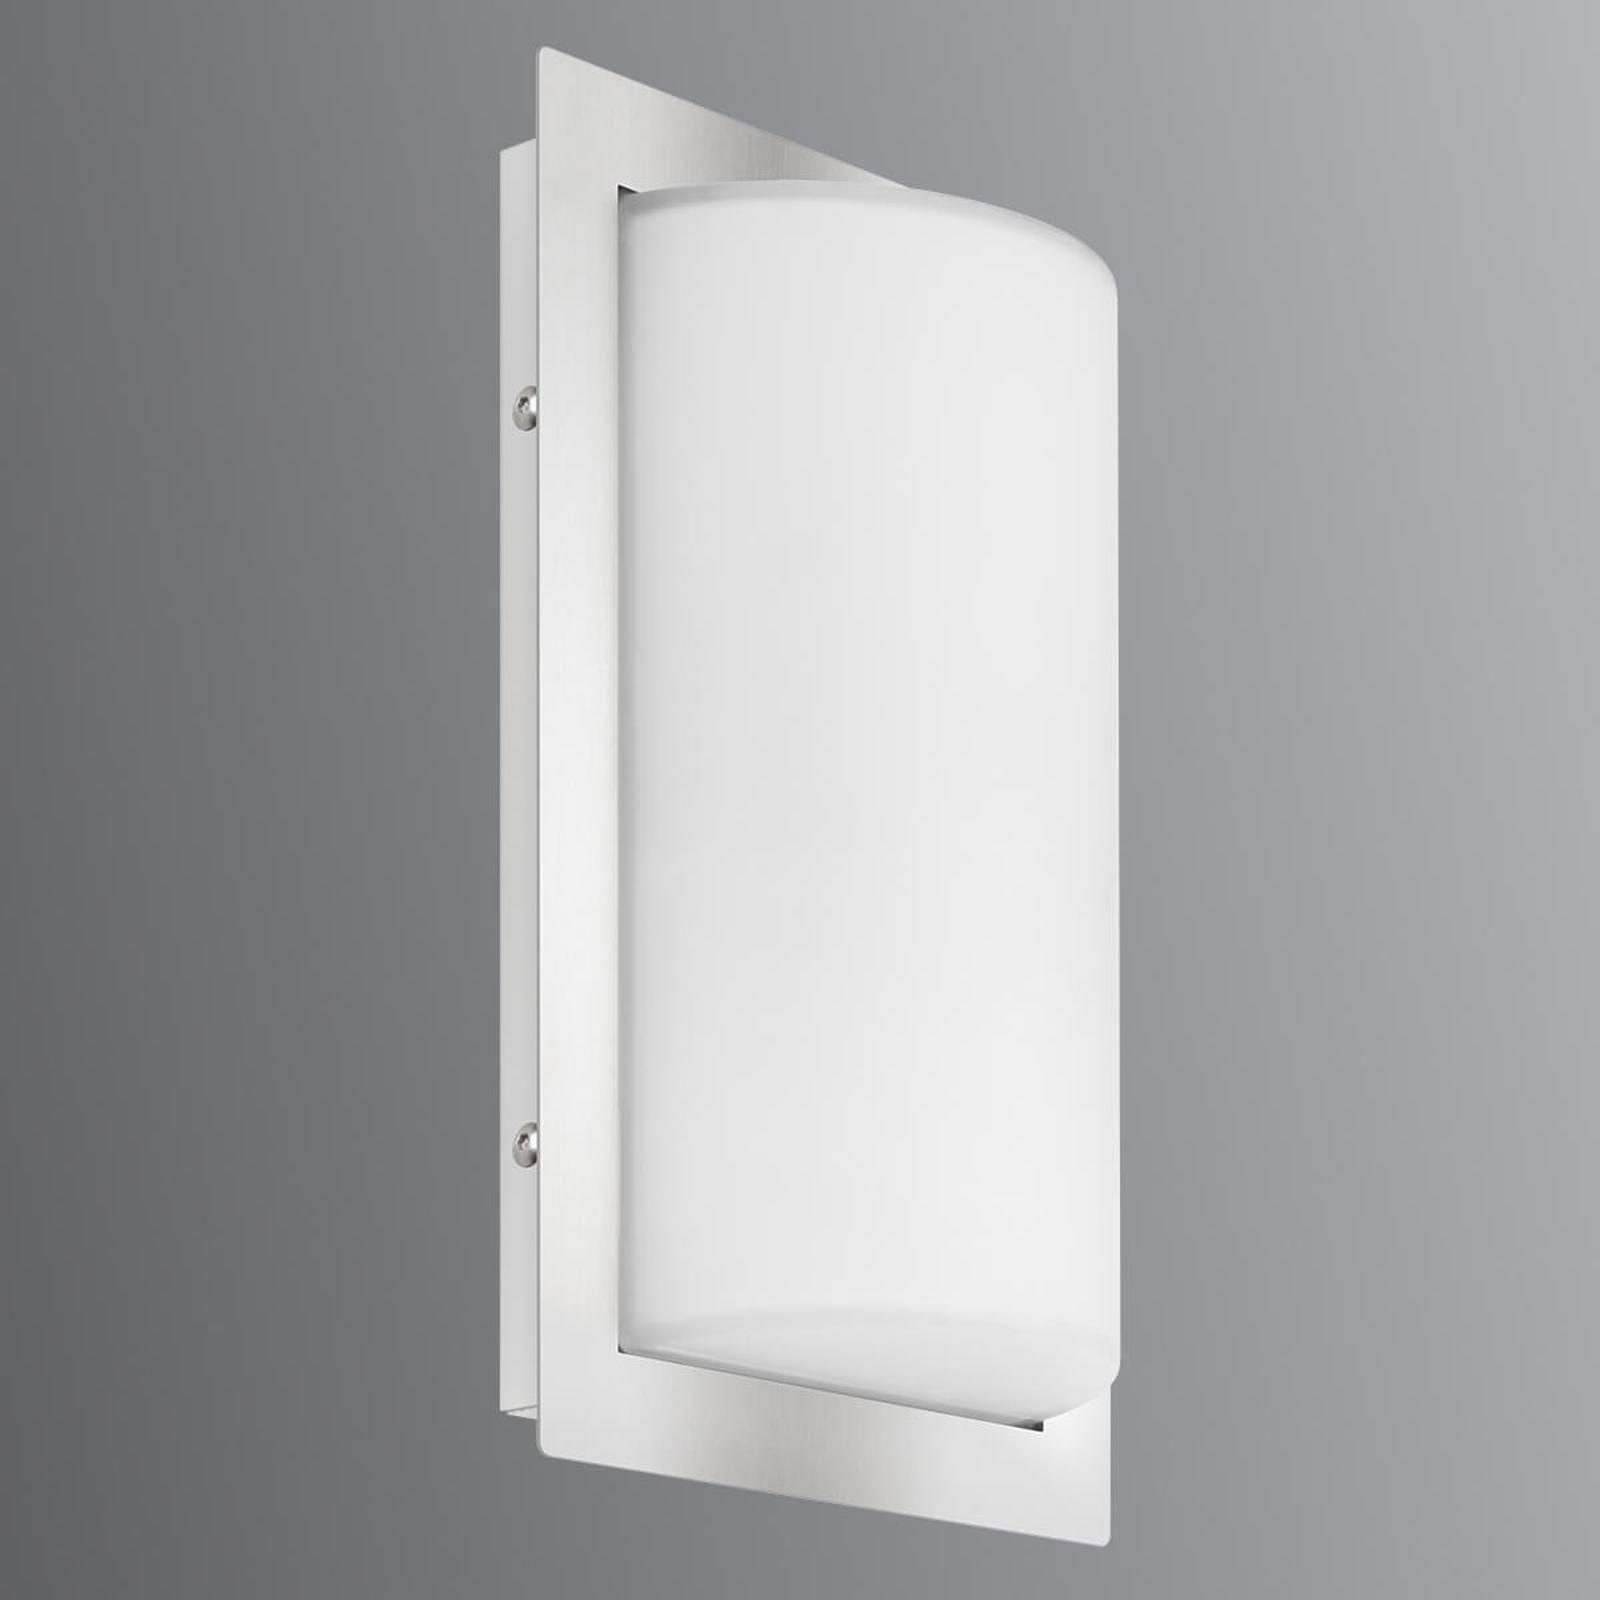 Applique d'extérieur LED de haute qualité Luis